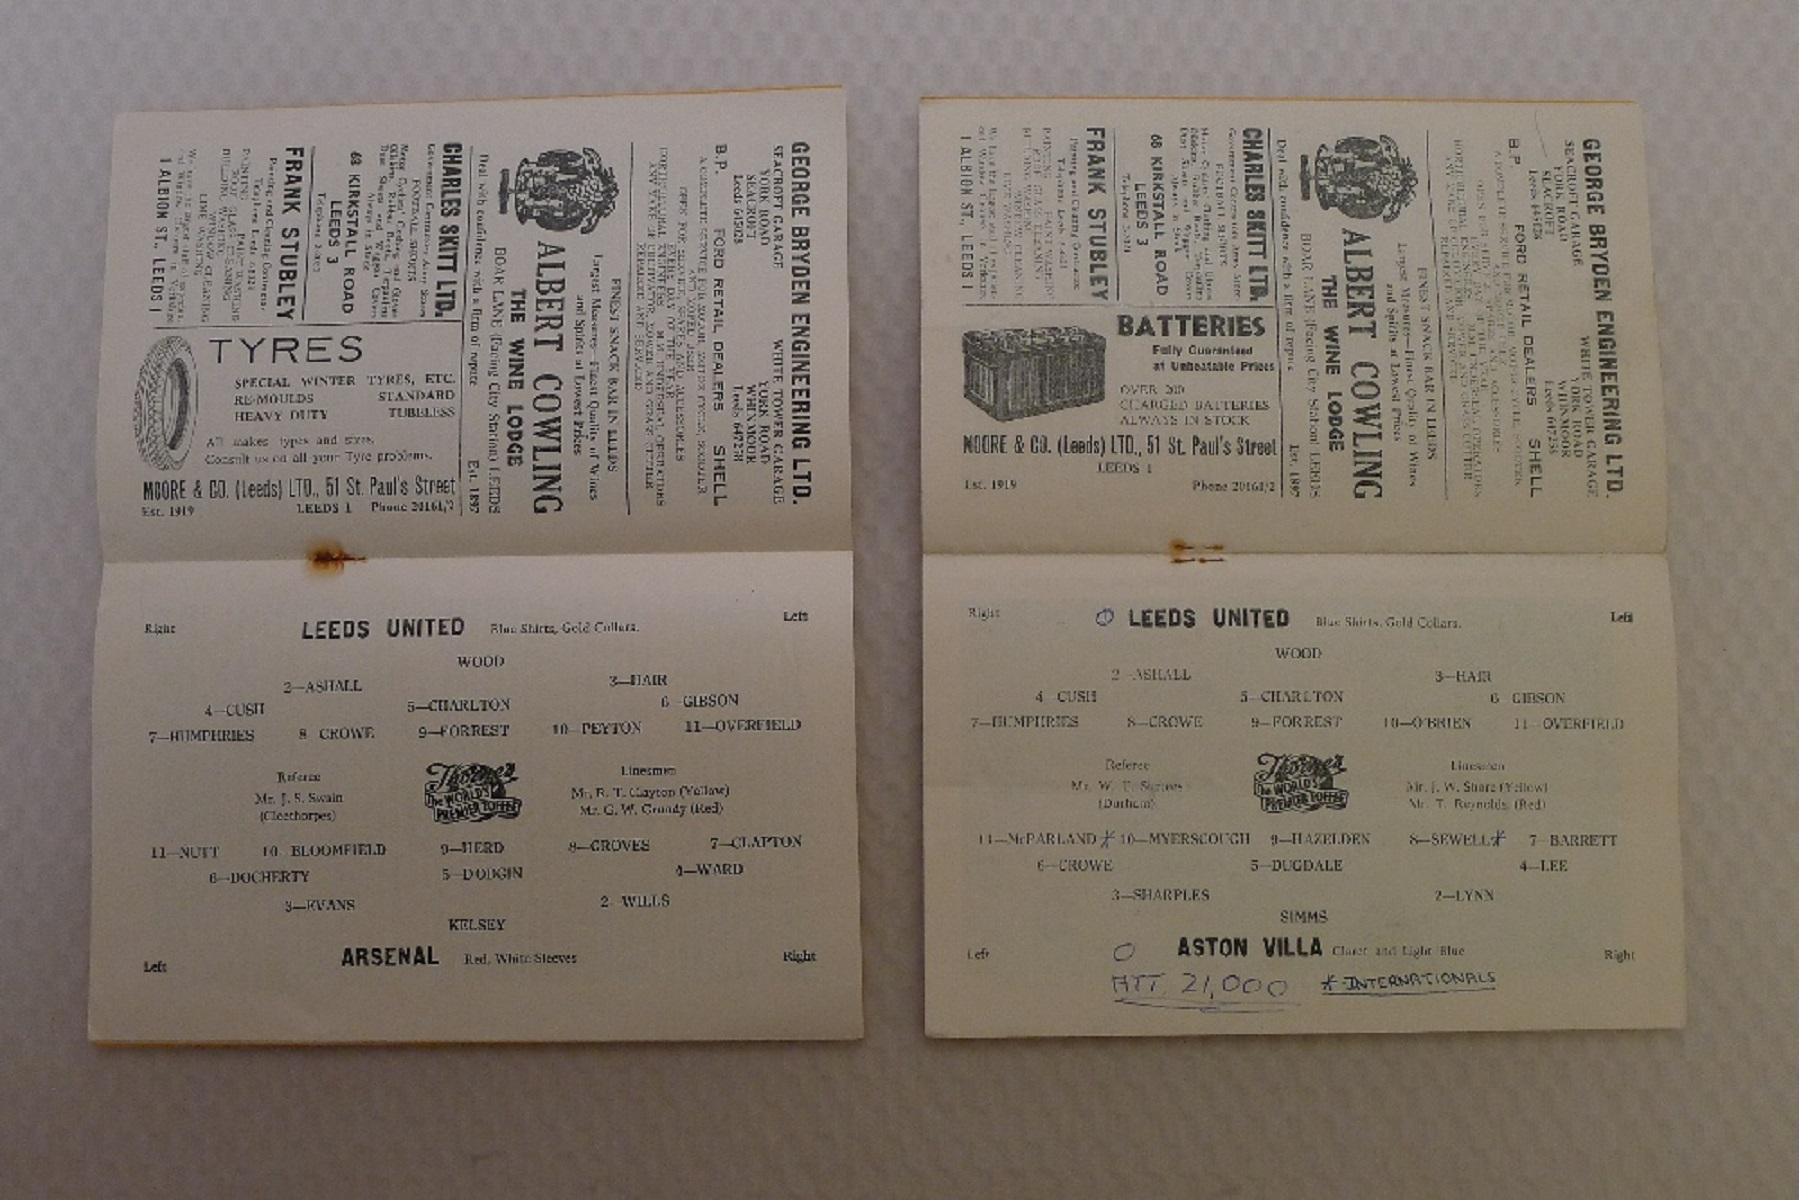 Vintage Football Programmes. 4 x Leeds United 1958 / 59 Season football programmes comprising v - Image 4 of 4